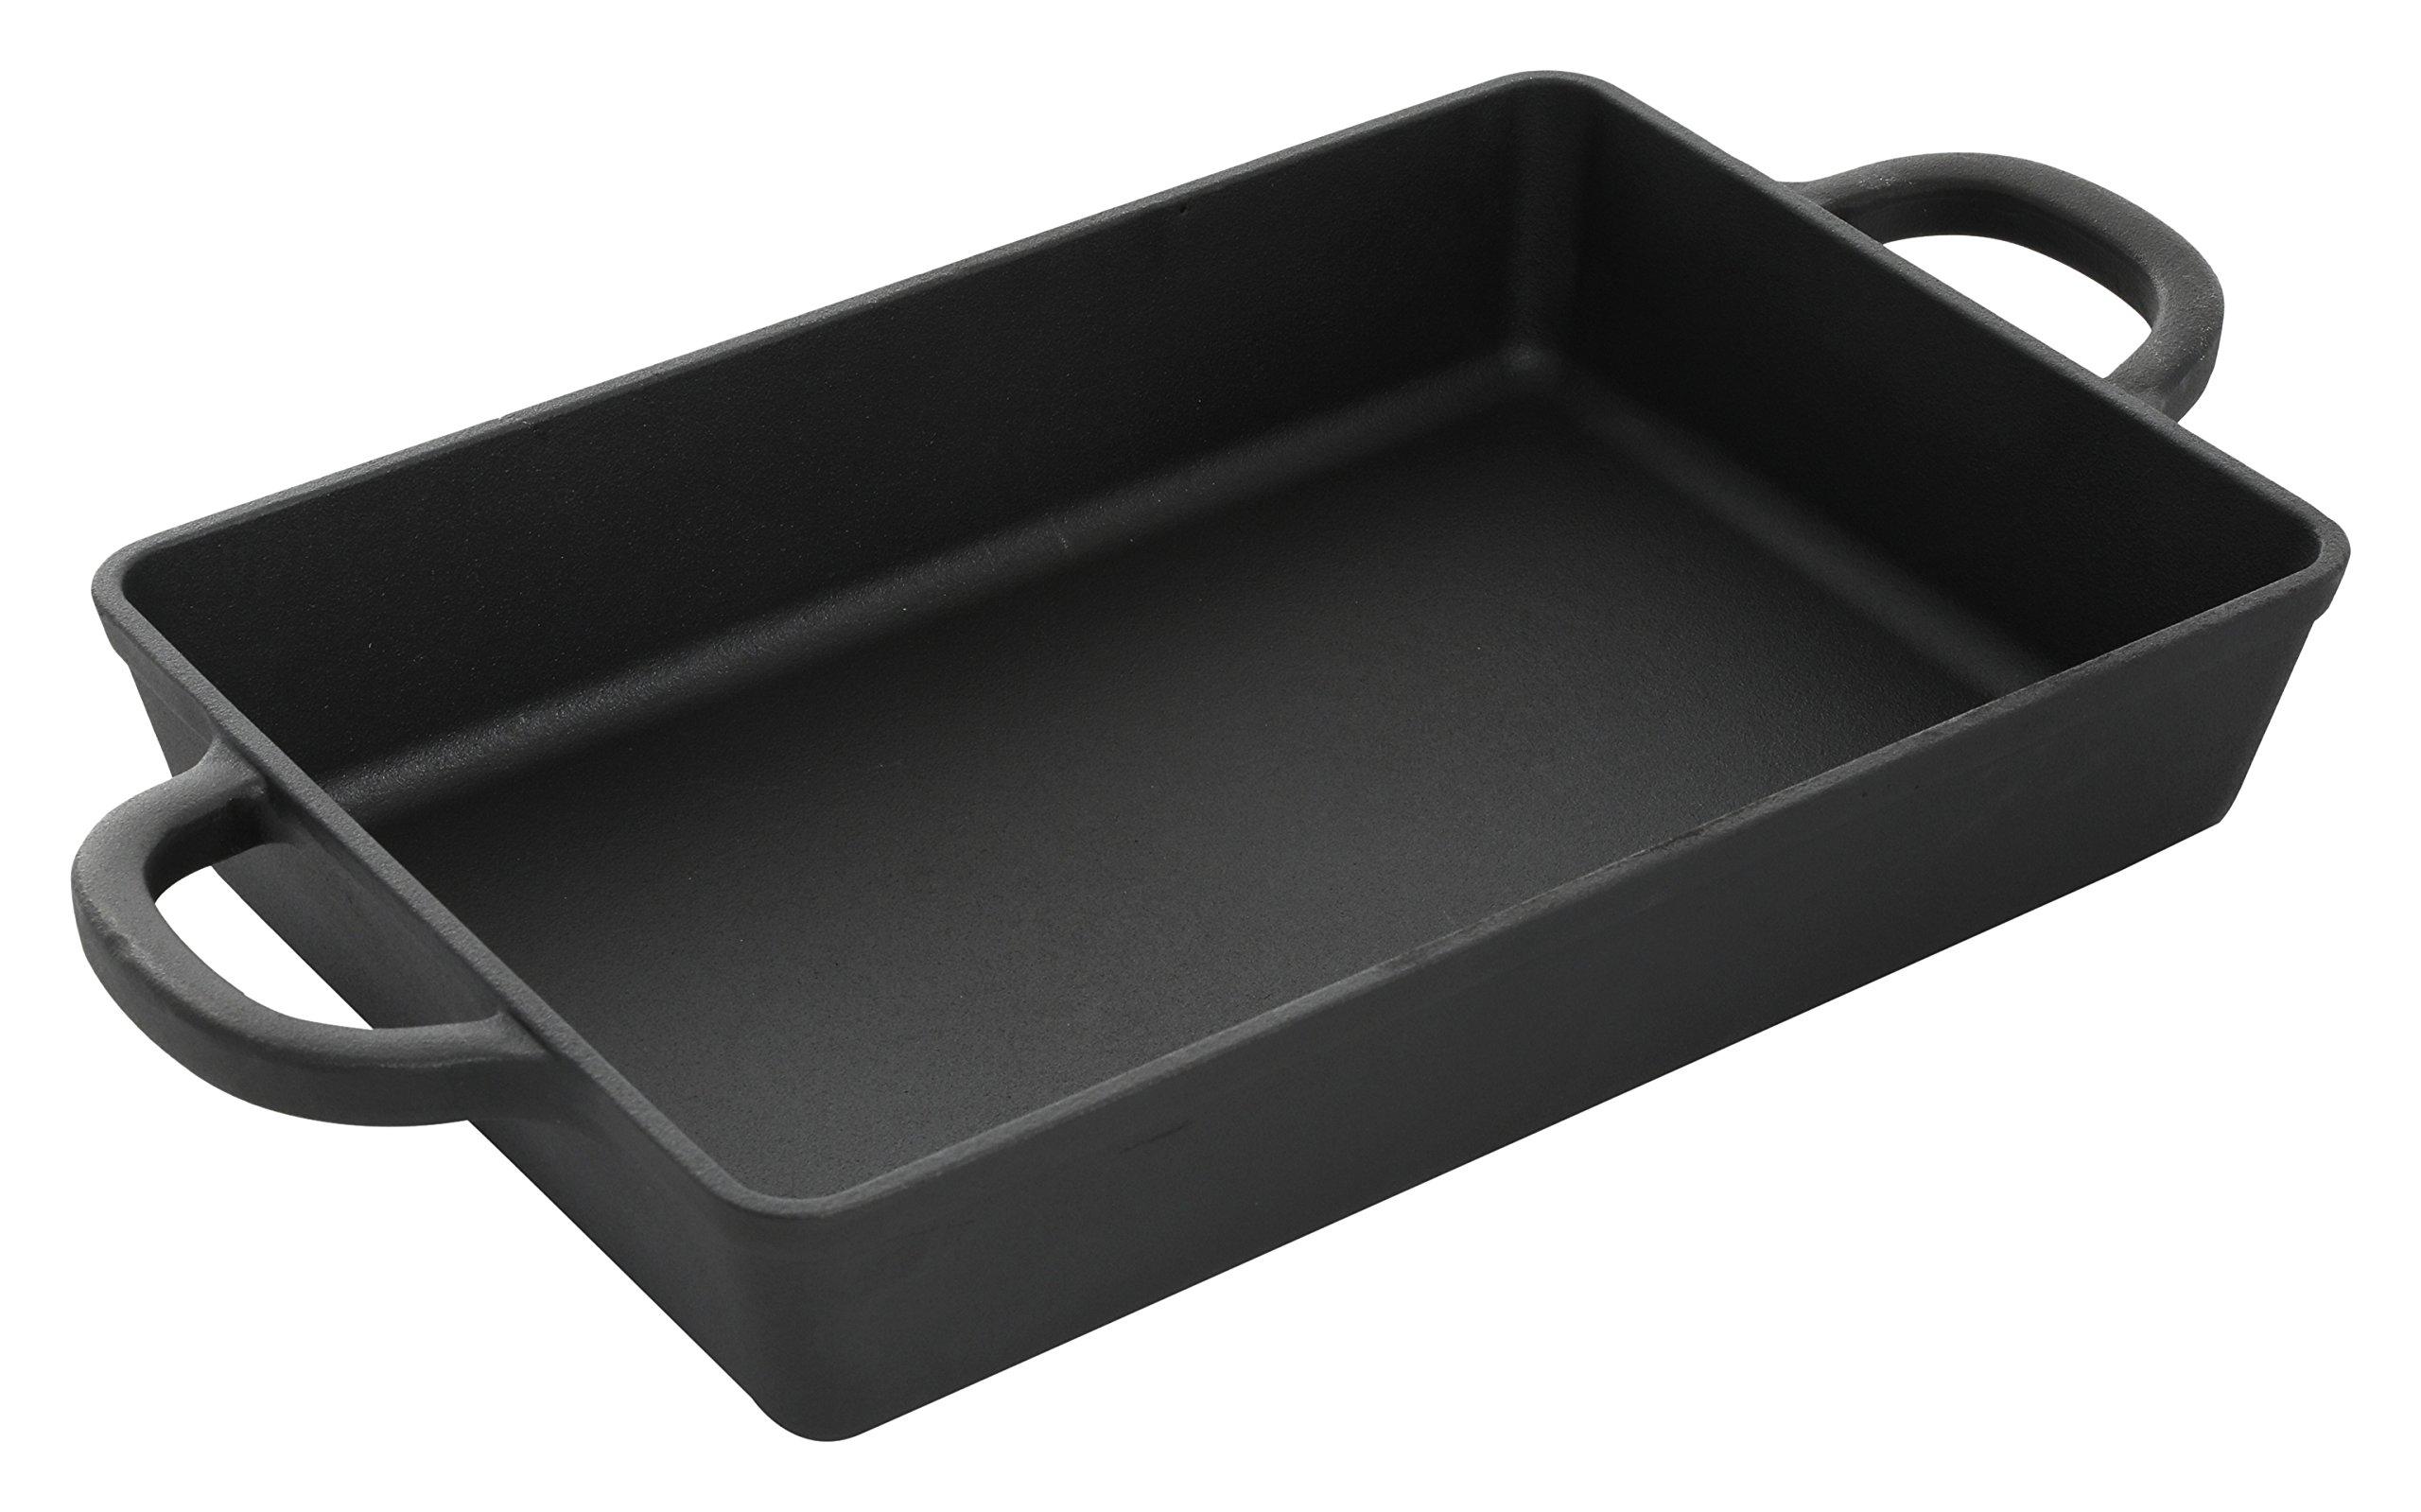 Crock Pot 112010.01 Artisan 13 Inch Preseasoned Cast Iron Rectangular Lasagna Pan